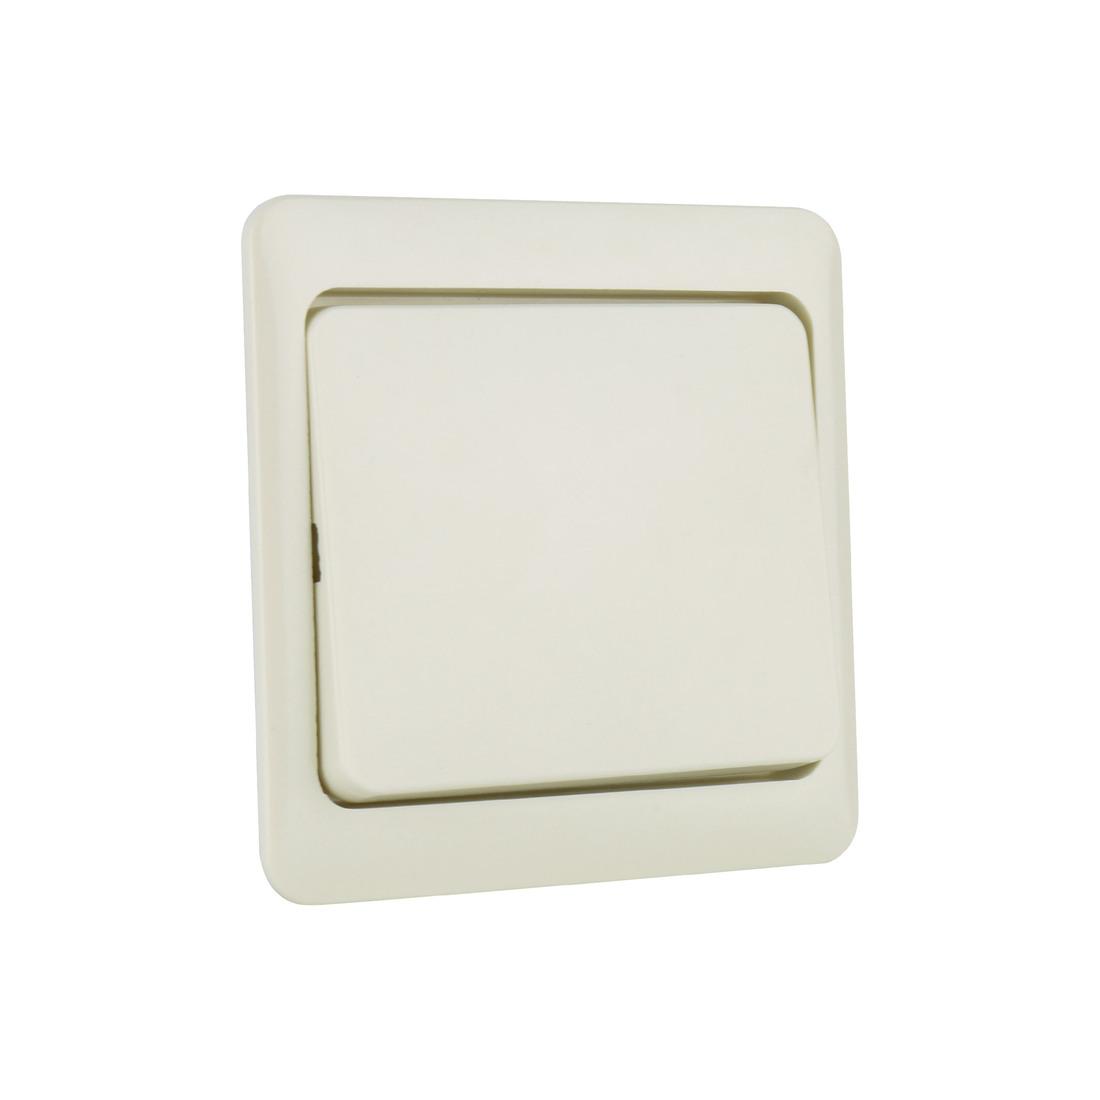 PEHA bedieningswip wisselschakelaar - standaard crème wit (D 80.640 W)